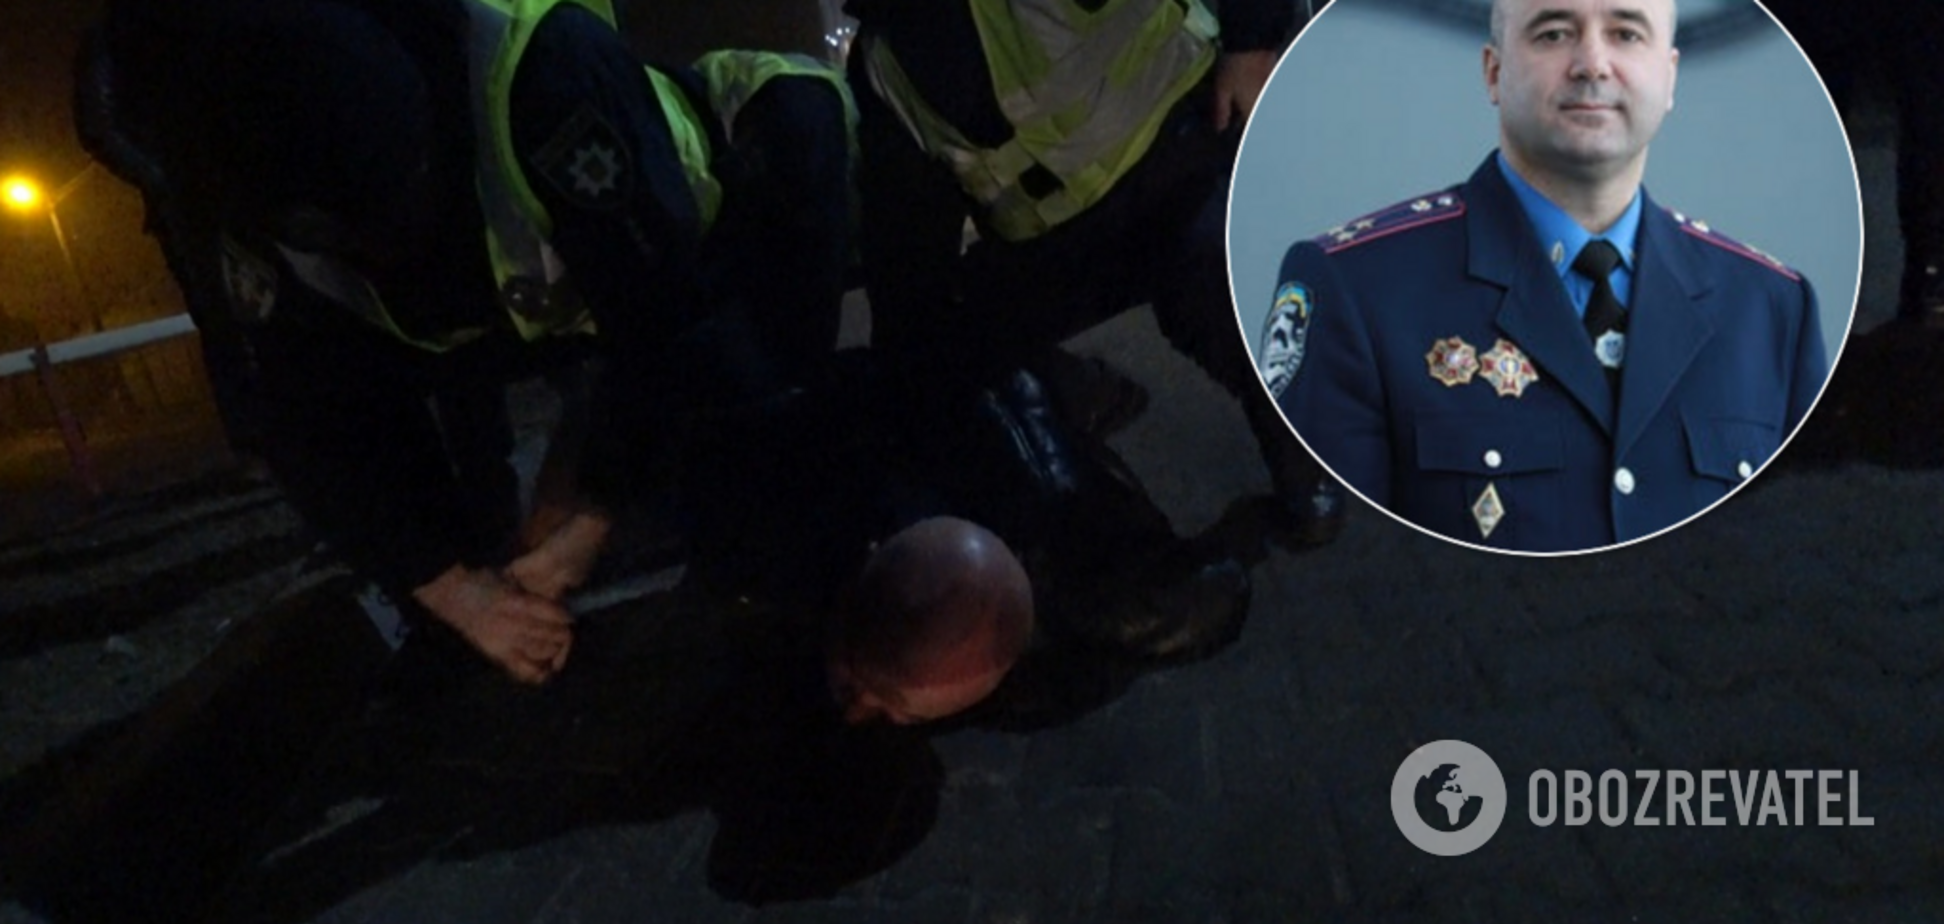 В Киеве 'повязали' экс-главу ГАИ: пьяный полковник устроил ночные гонки. Фото